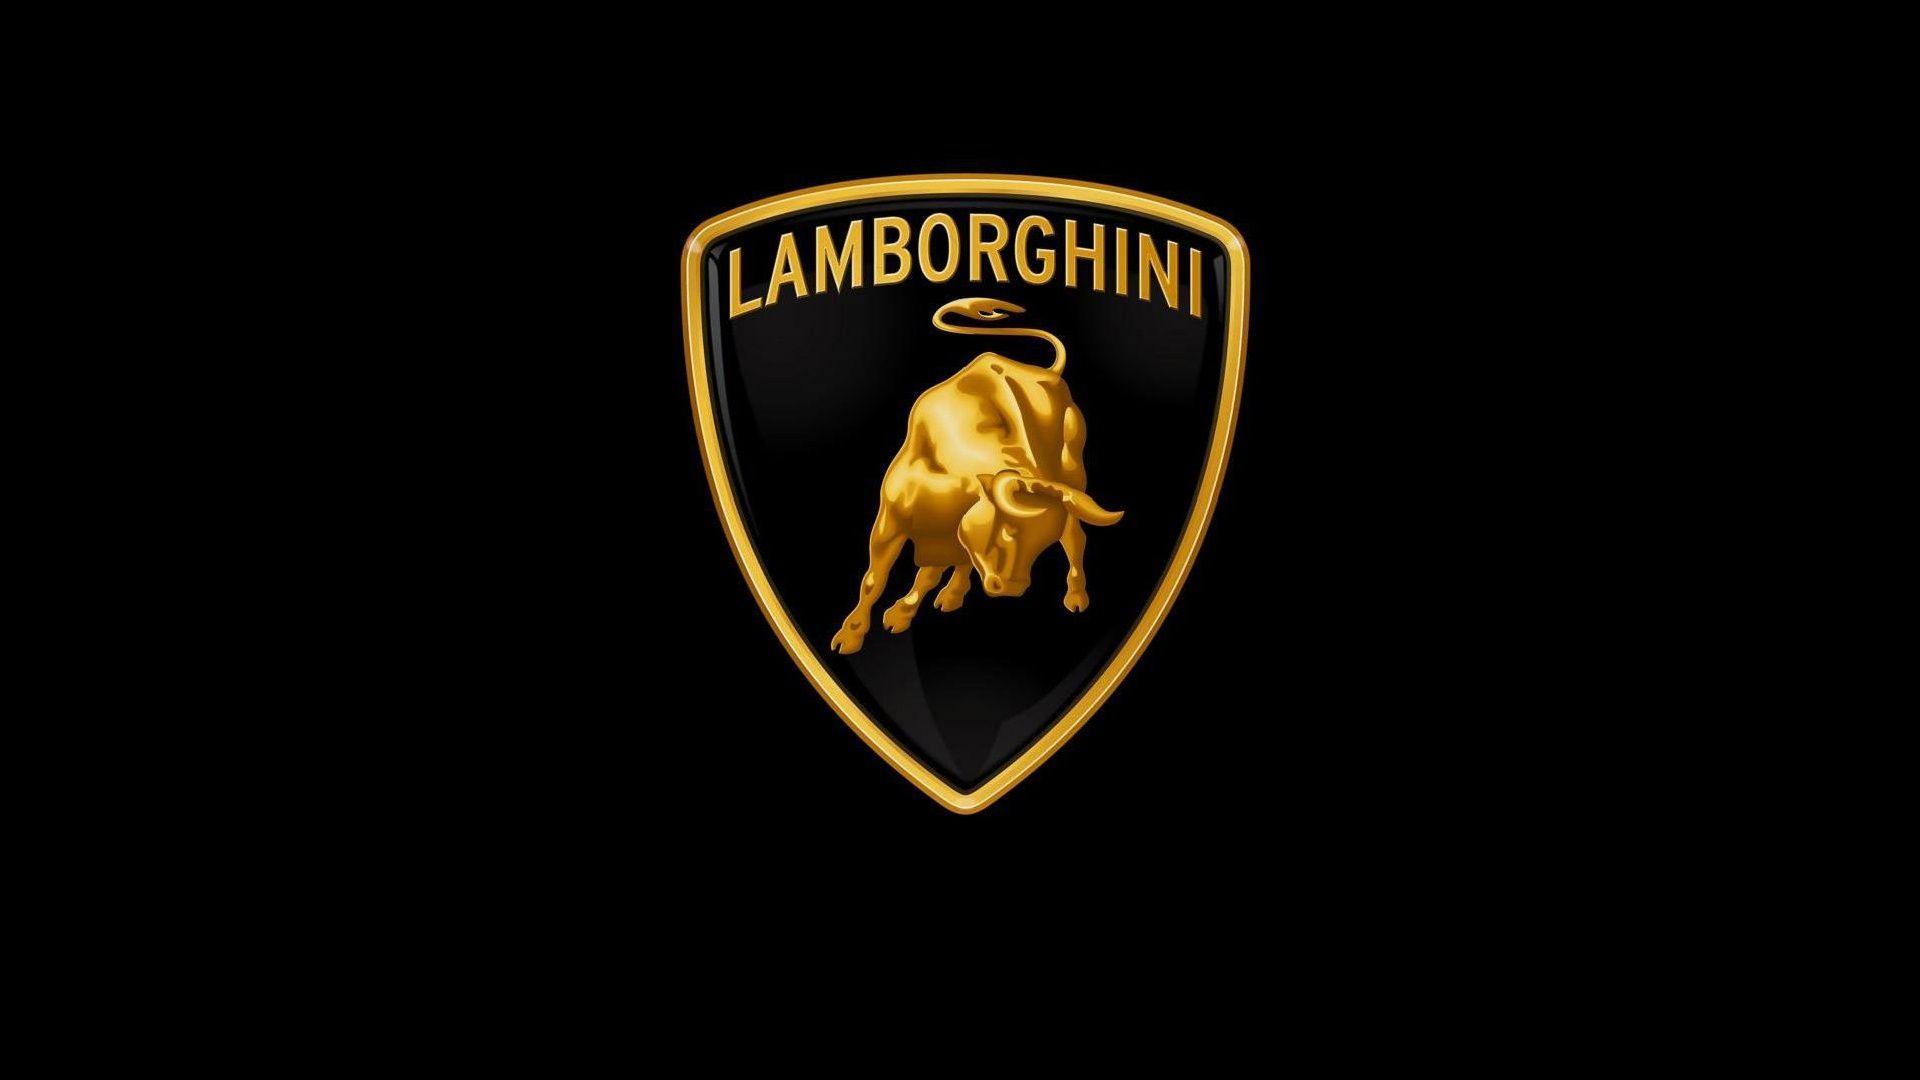 Hd wallpaper logo - Lamborghini Car Logo Hd Wallpaper Lamborghini Car Logo